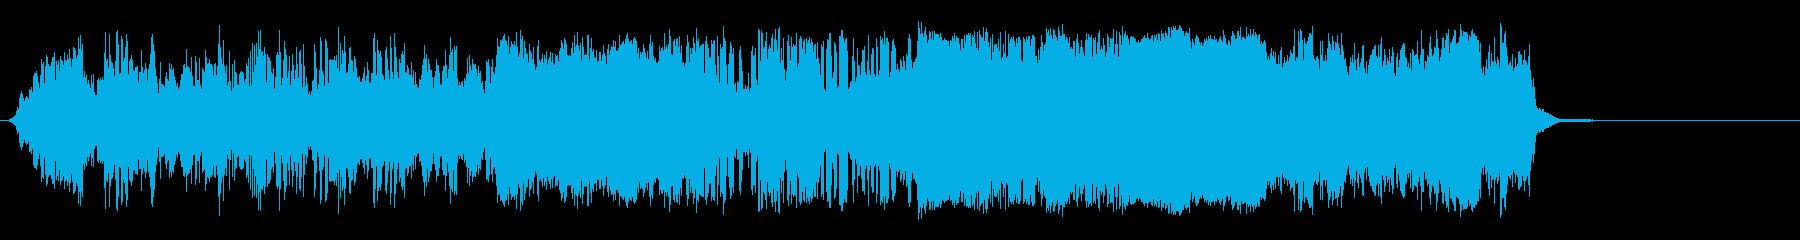 干渉の実行の再生済みの波形